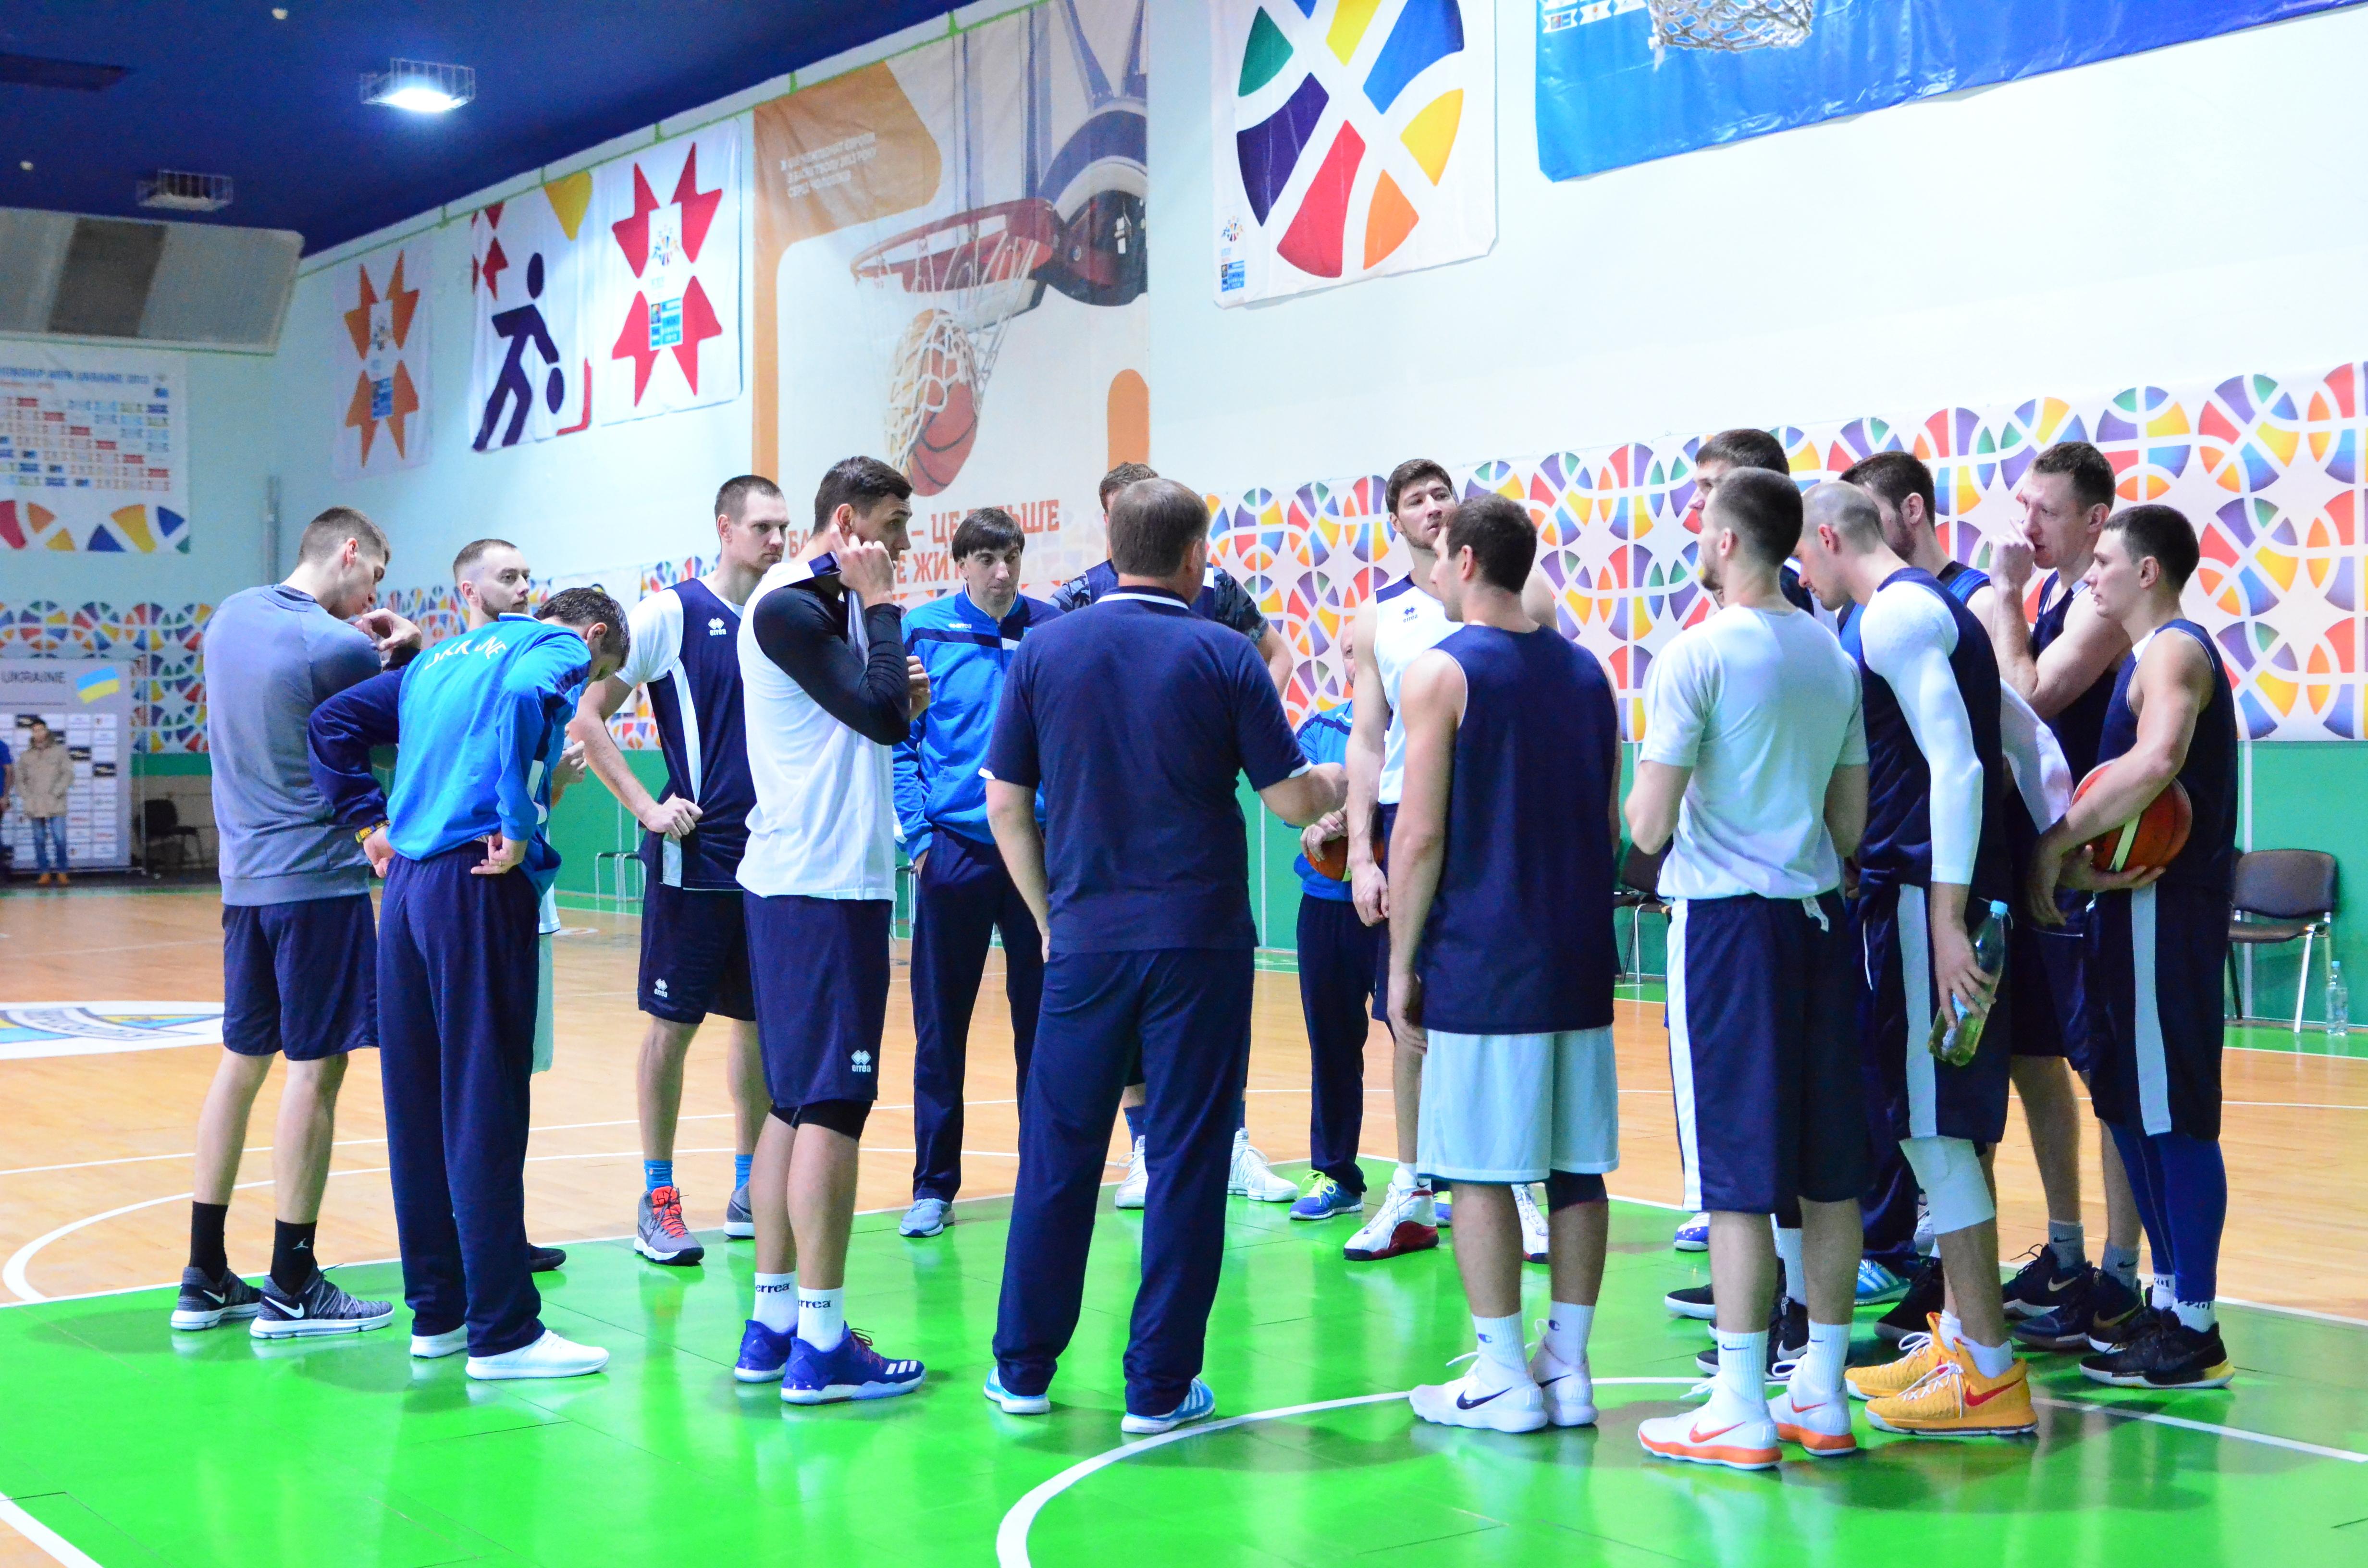 Збірна України оприлюднила графік підготовки до матчів чемпіонату світу